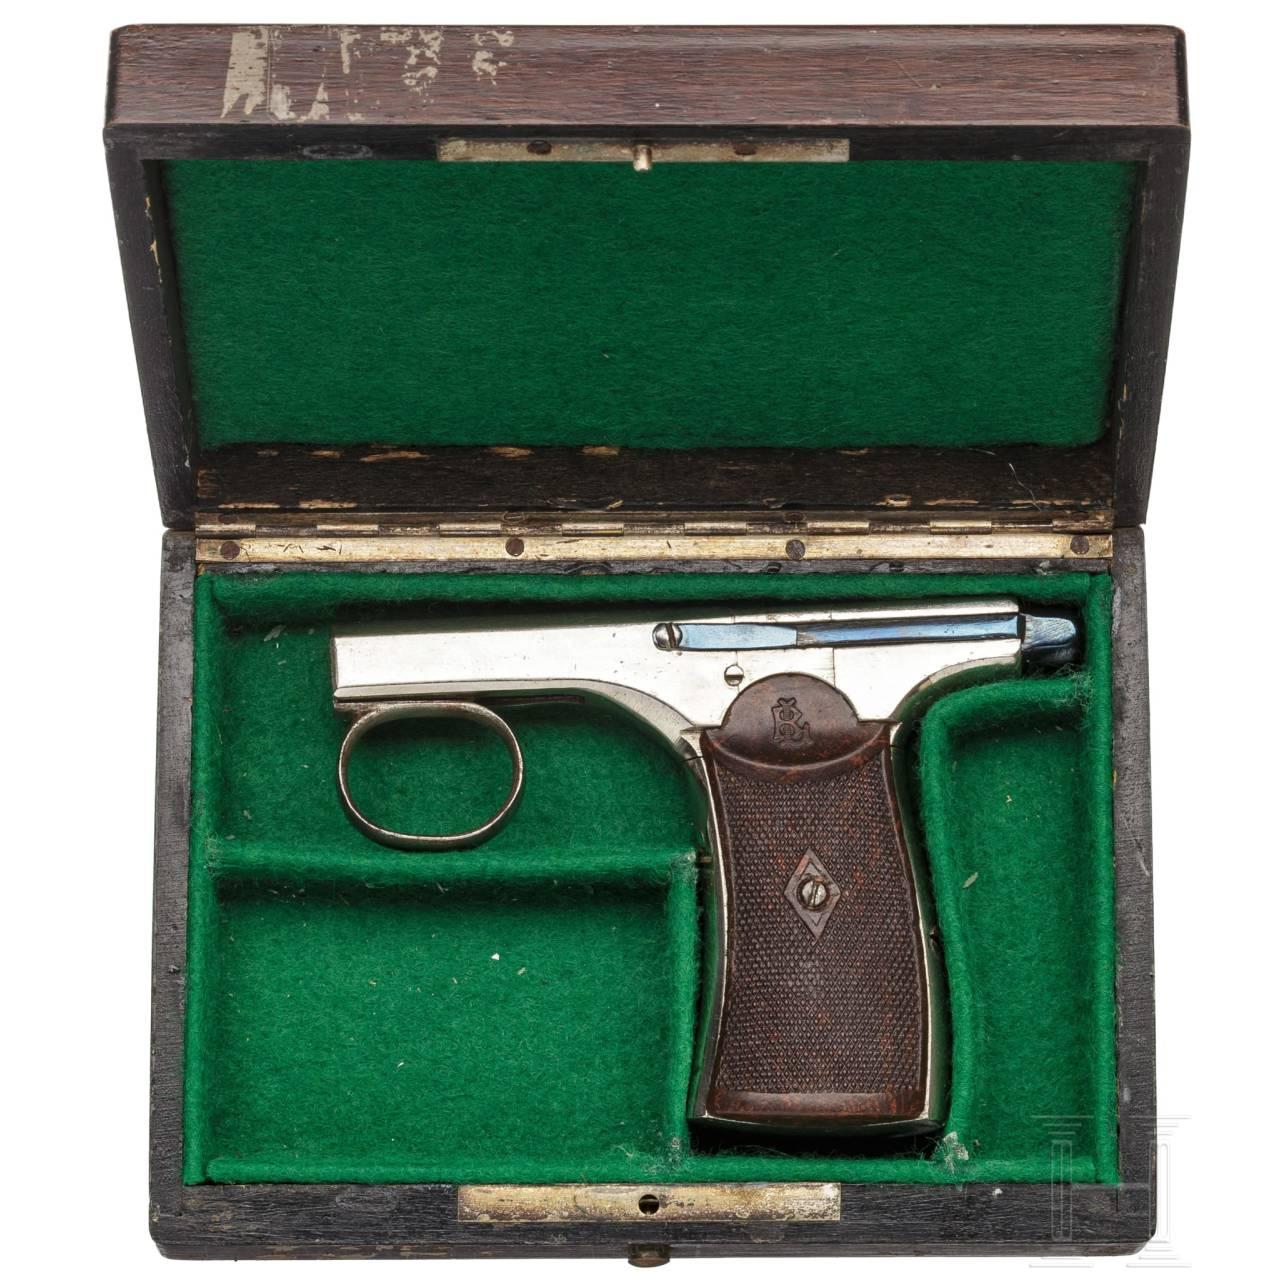 Brun Latrige-Einhandpistole Mod. 1890, Frankreich, um 1895